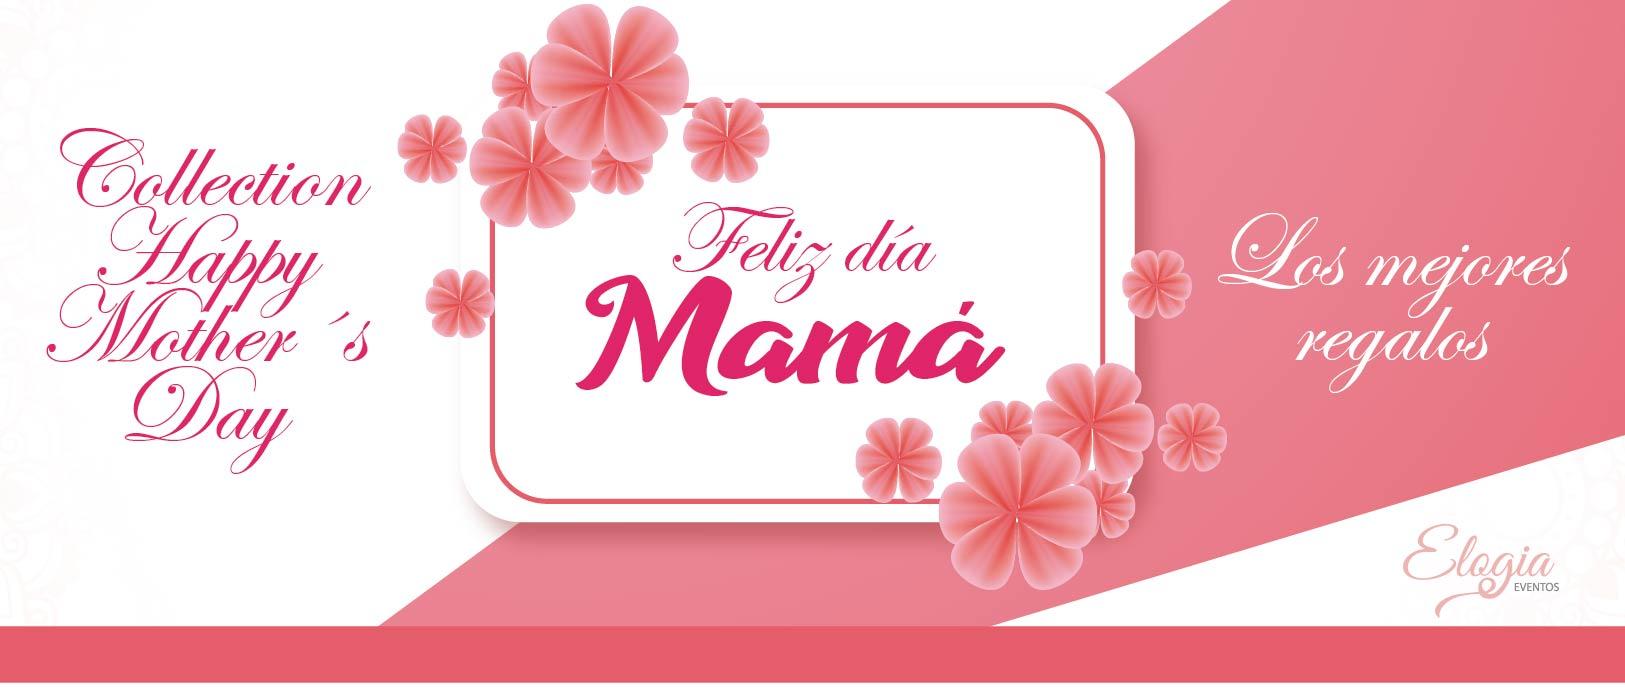 Elogia eventos - regalos 10 de mayo para mama en Toluca Metepec-vip1-21